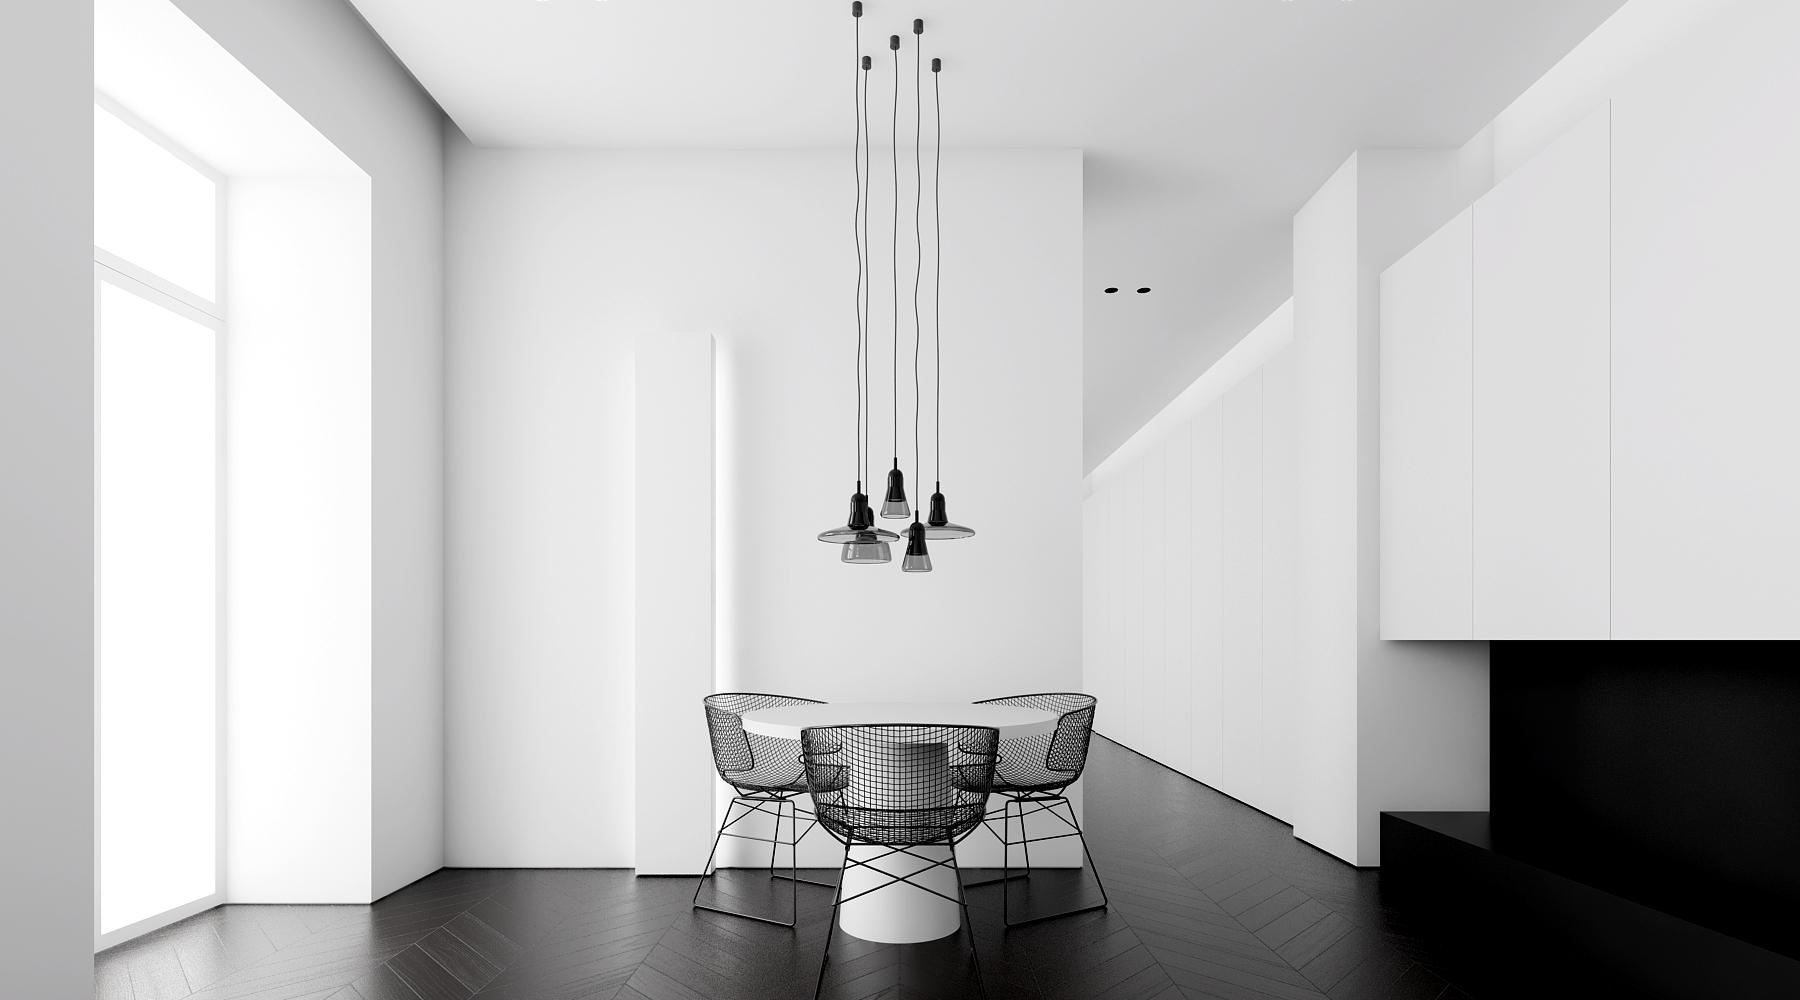 mieszkanie_w_oficynie_warszawa_mokotowska_minimalizm_aranzacja_wnetrz_01